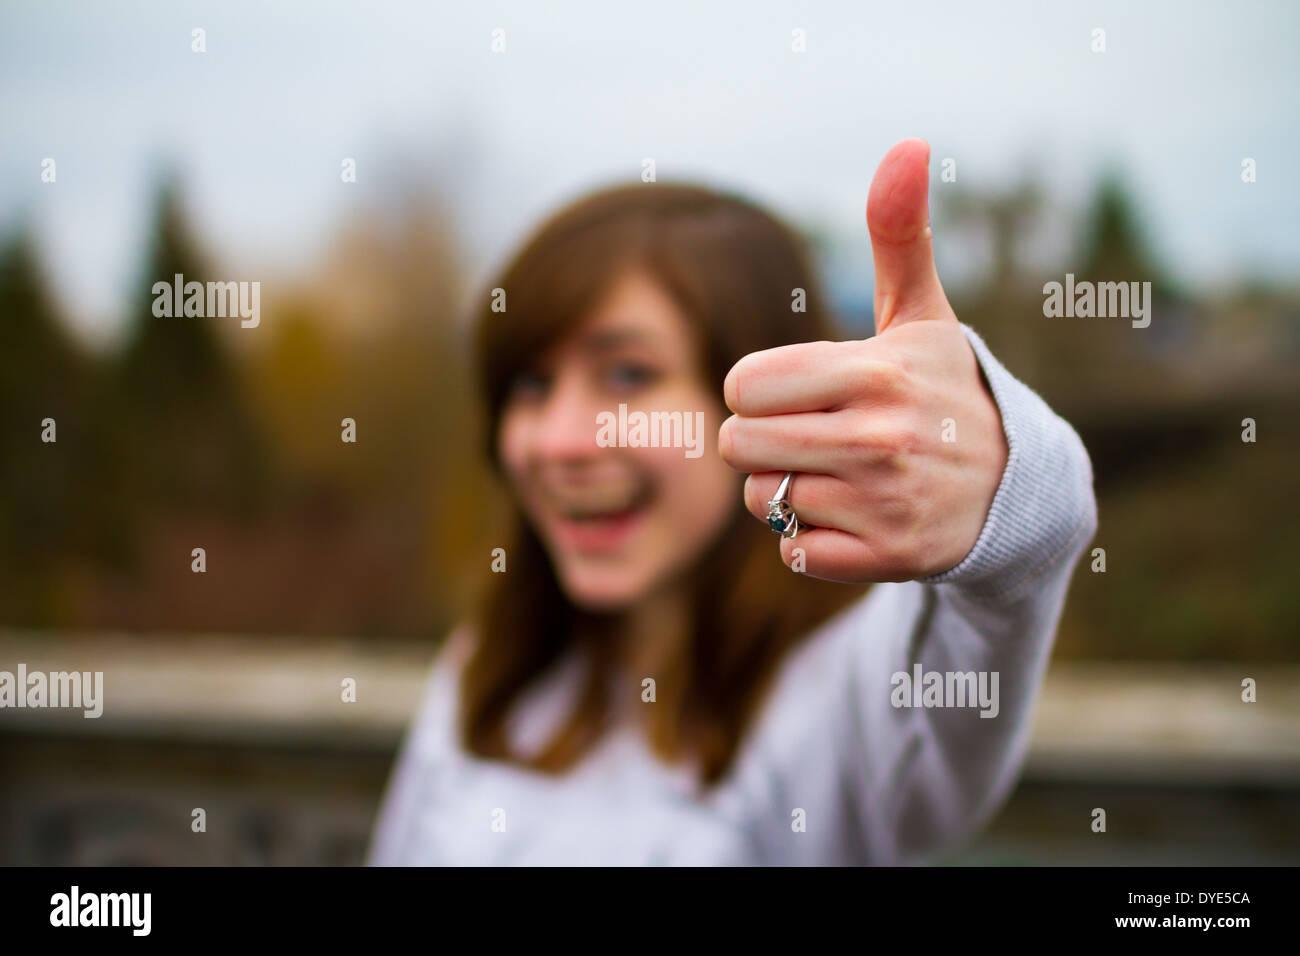 Bella ragazza facendo un pollice in alto segno con la mano e le dita per questa unica immagine di approvazione. Immagini Stock